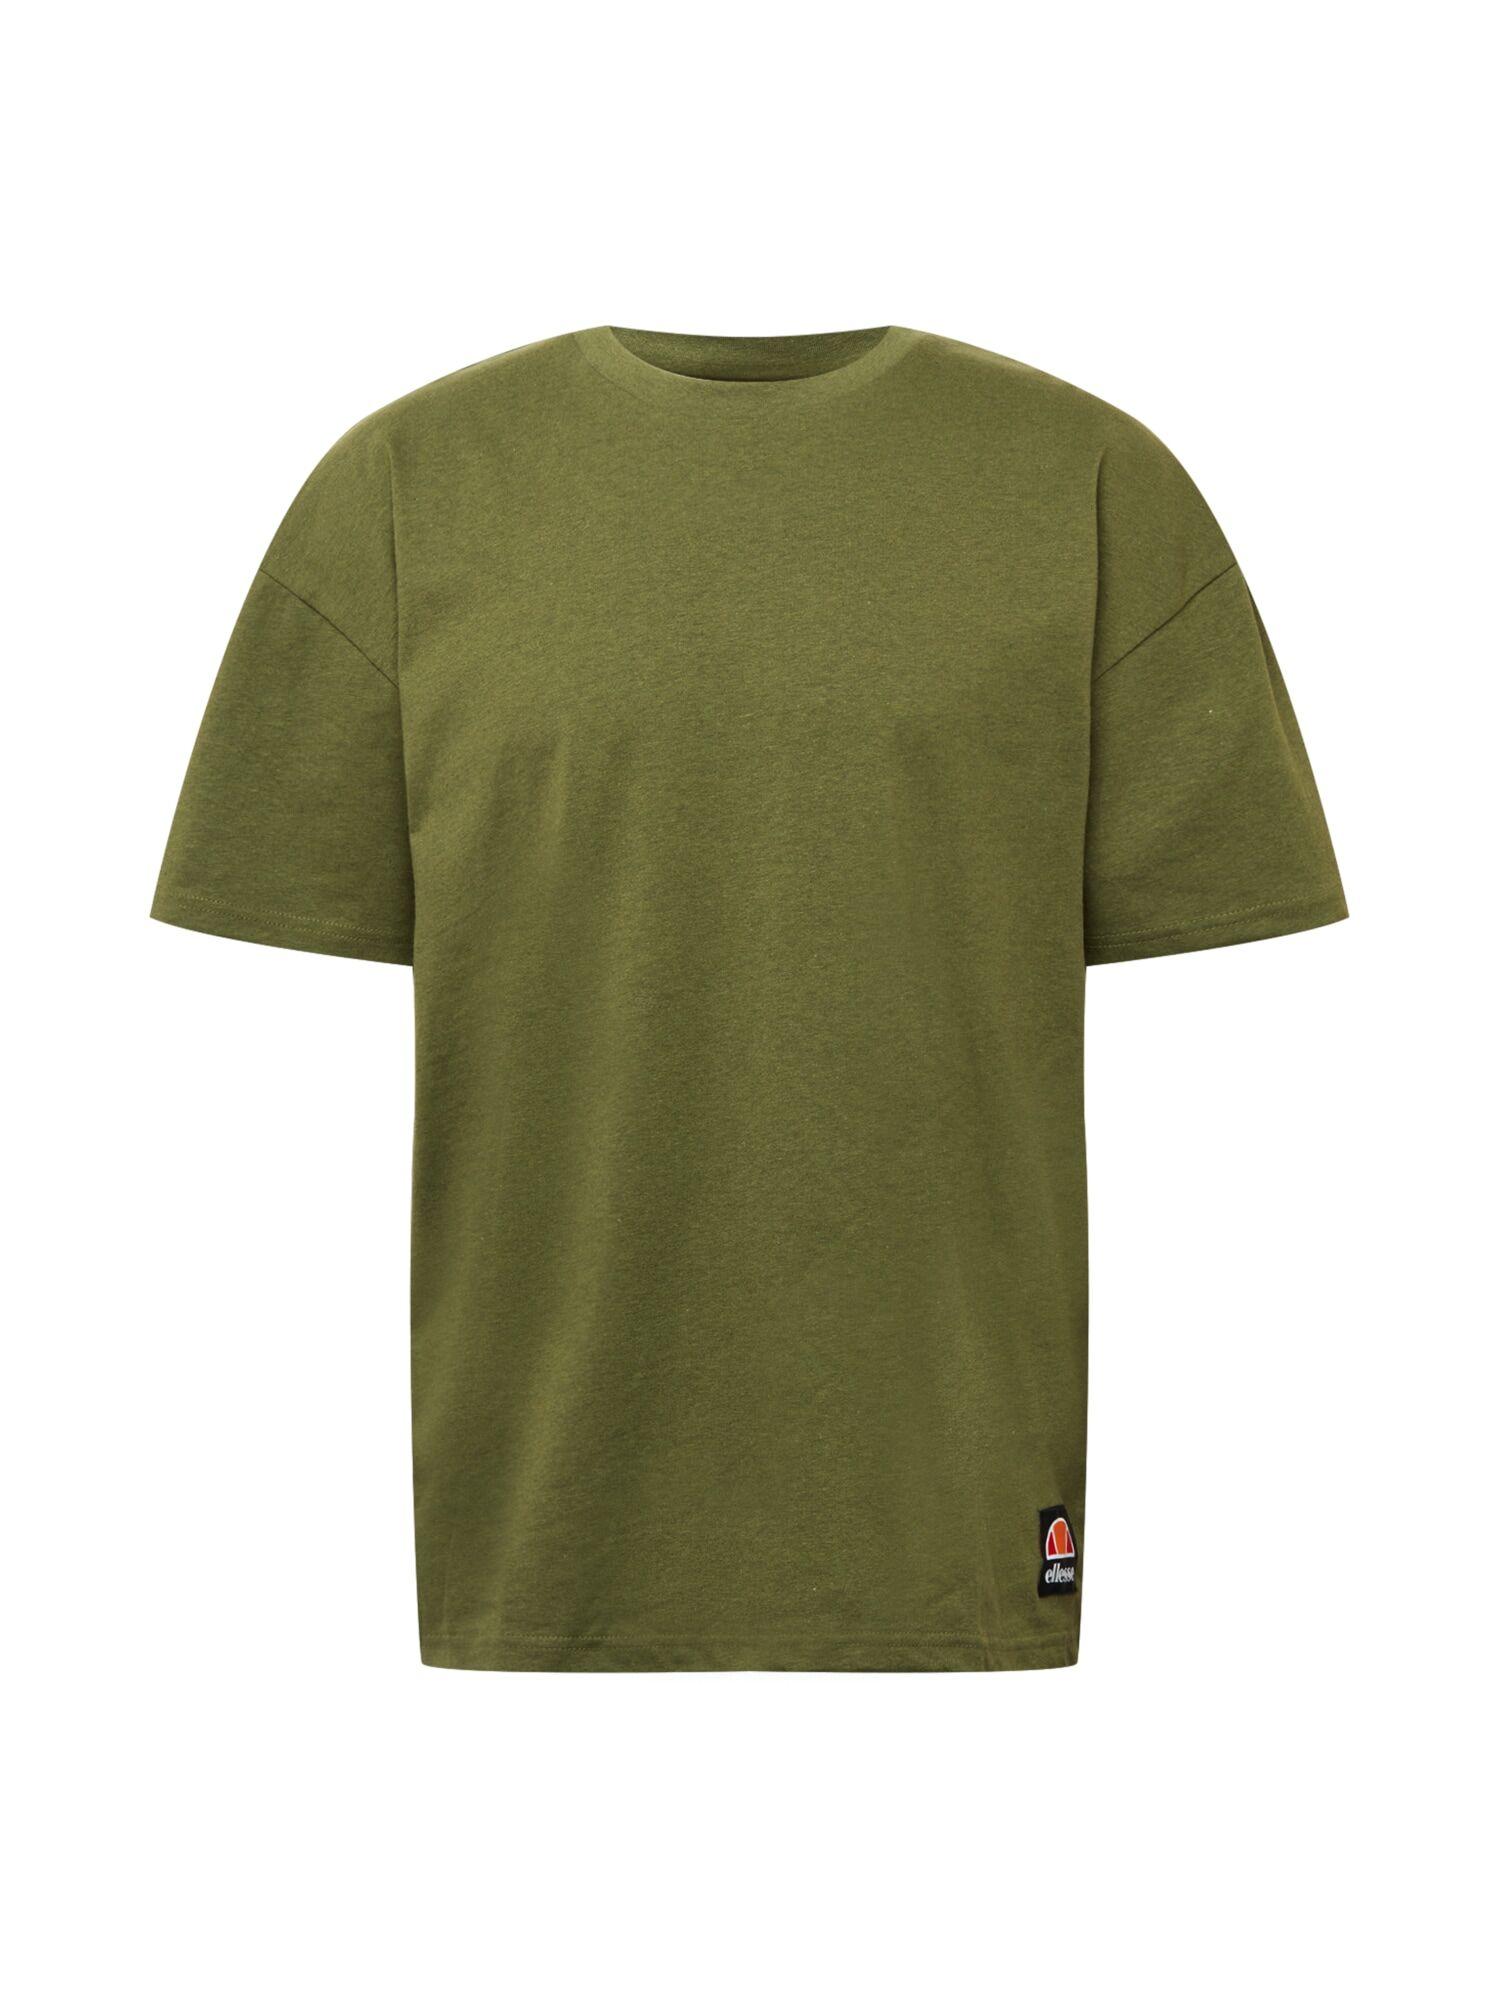 ELLESSE T-Shirt 'Avis'  - Vert - Taille: S - male